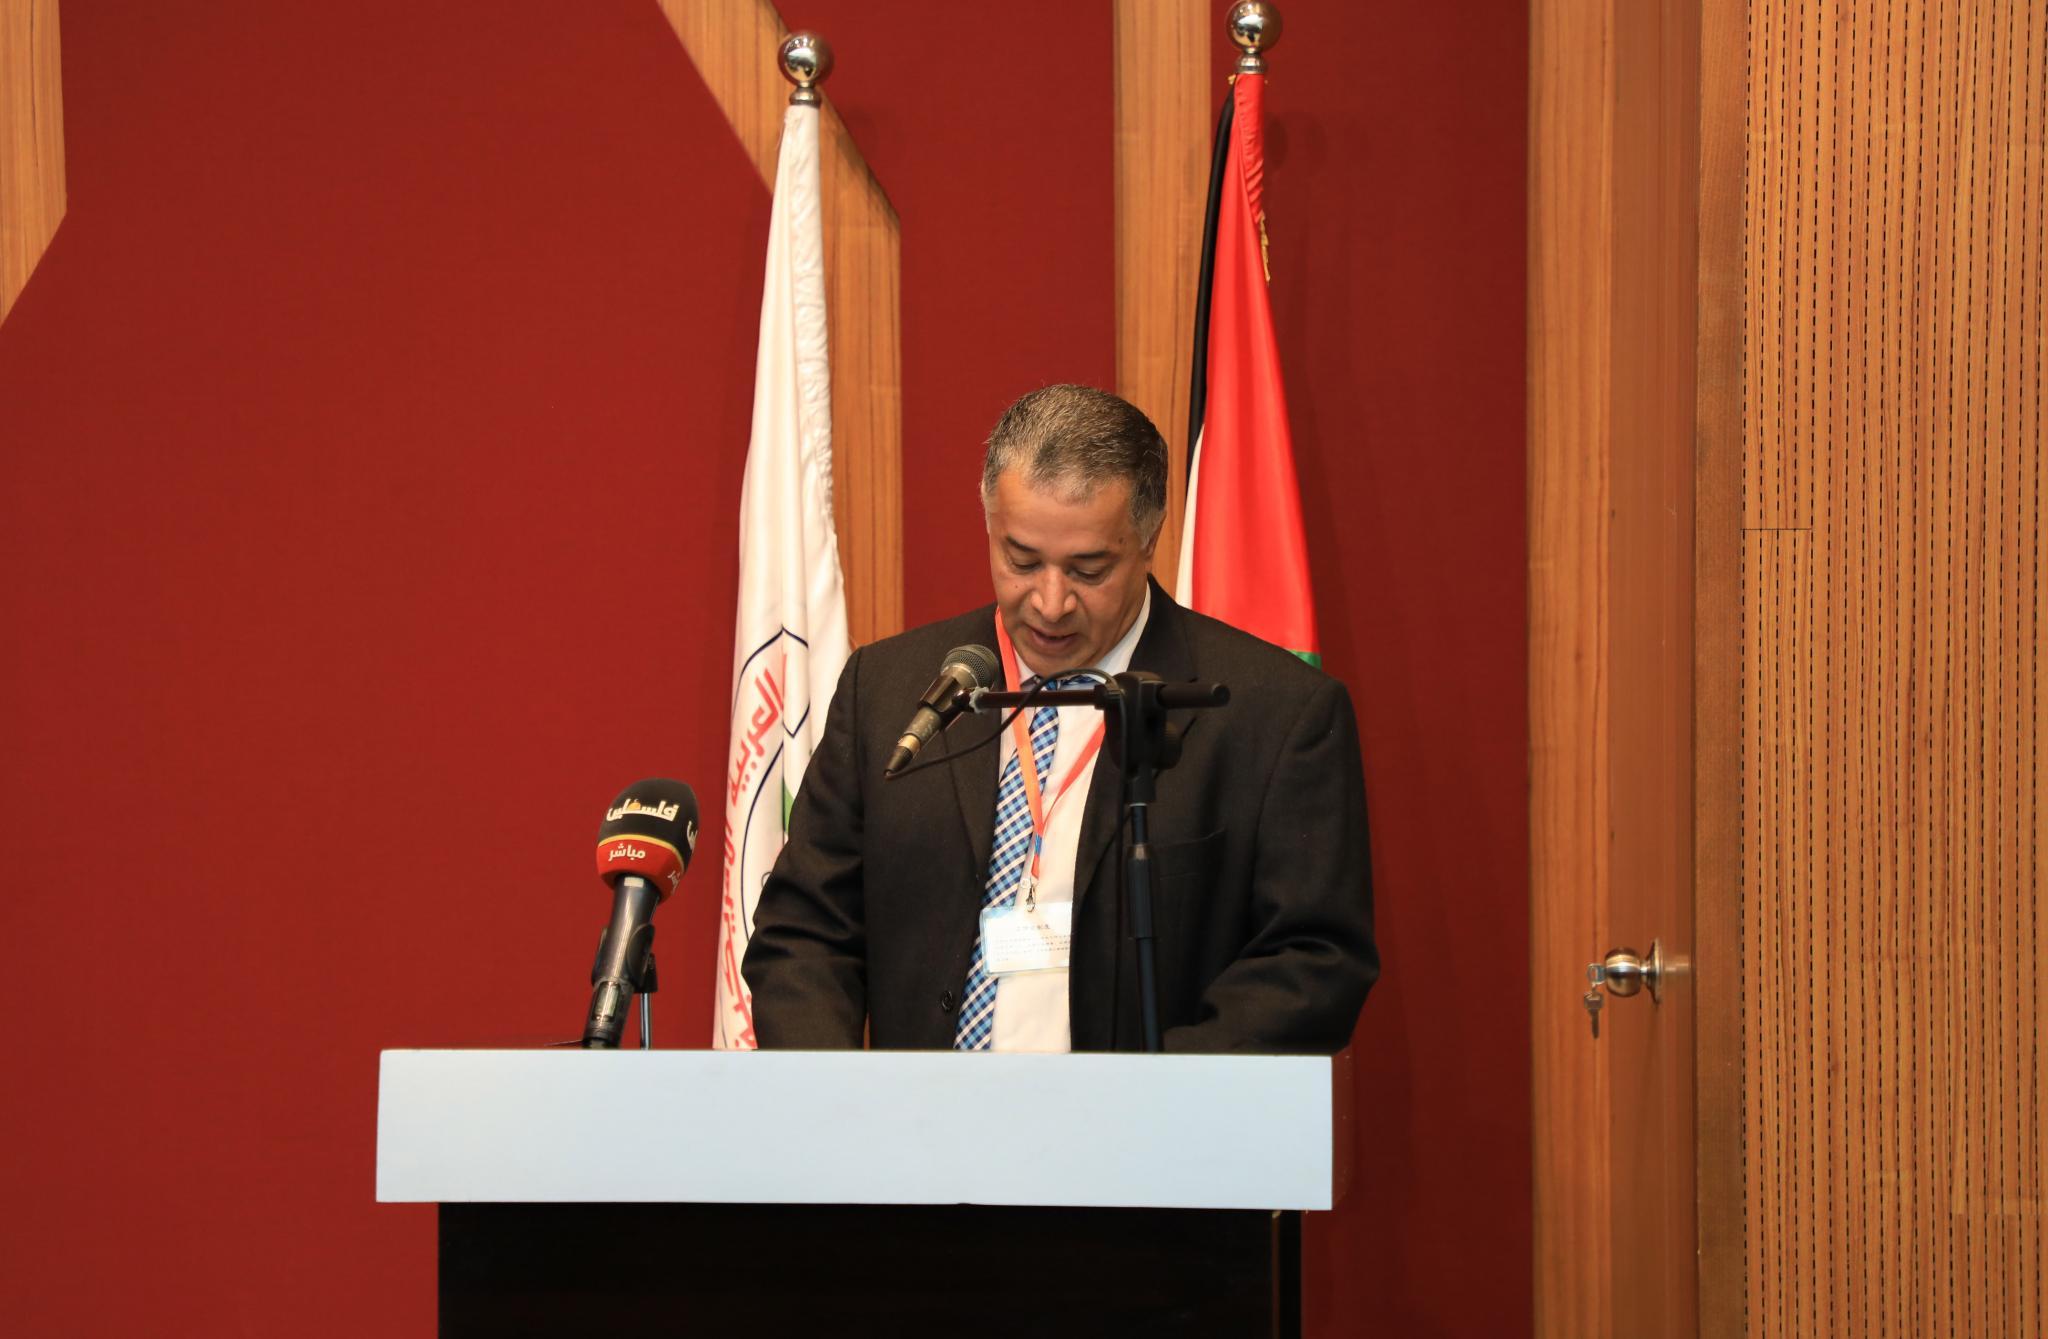 رئيس اللجنة التحضيرية للندوة ورئيس قسم هندسة الاتصالات